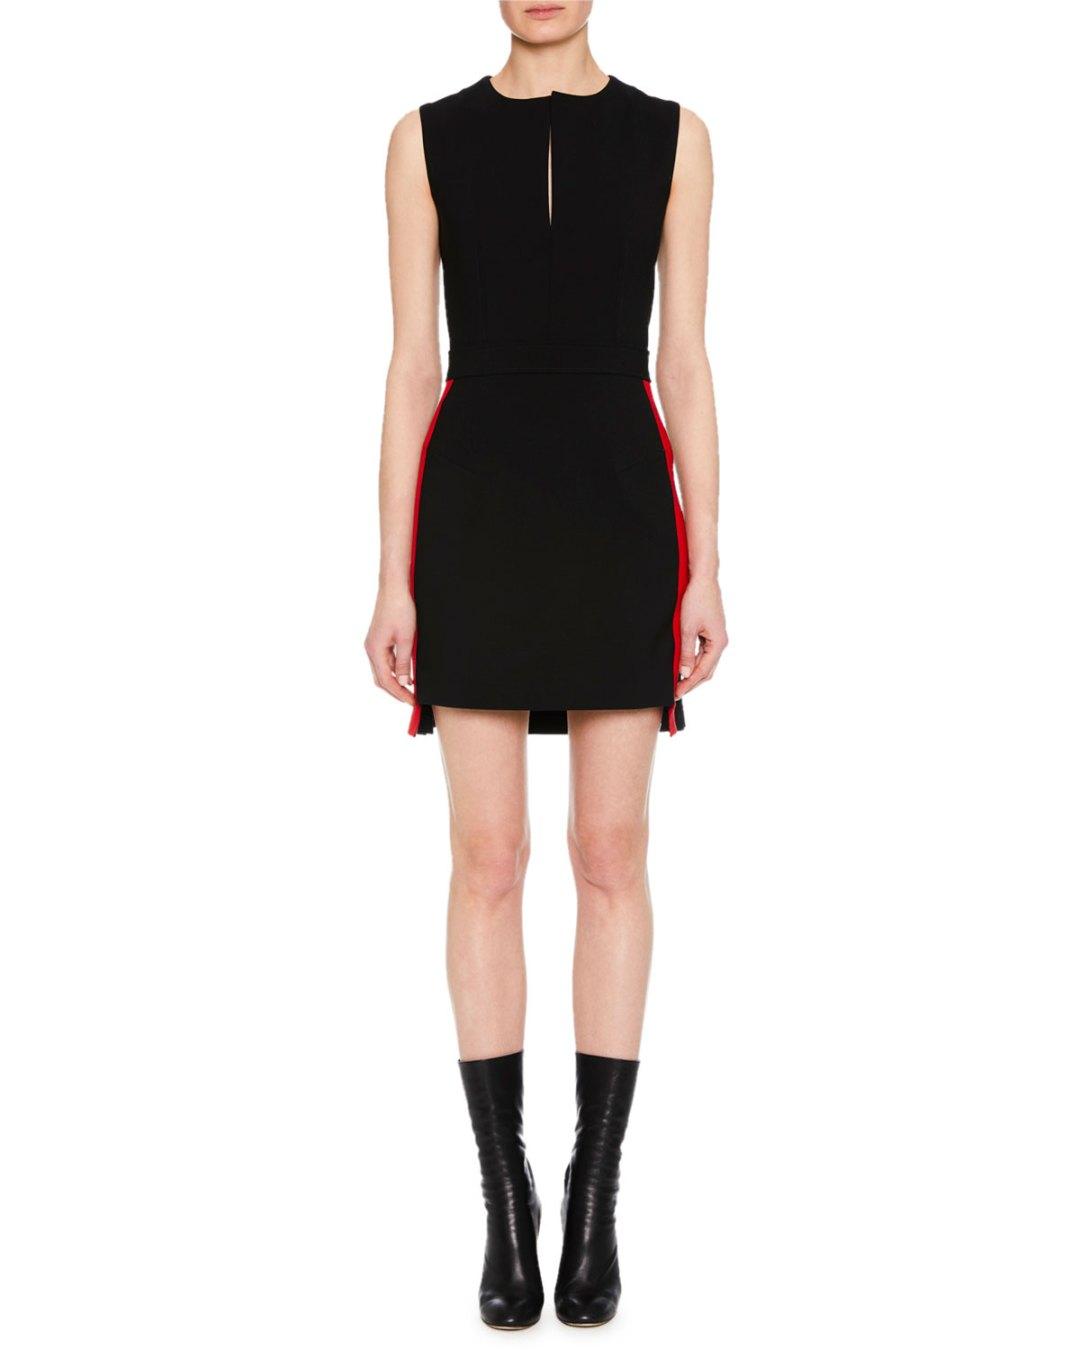 0e314da91e ALEXANDER McQUEEN – Short-Sleeve Graphic-Art Fit-and-Flare Cocktail Dress –  Bergdorf Goodman (Neiman Marcus) – $2,245